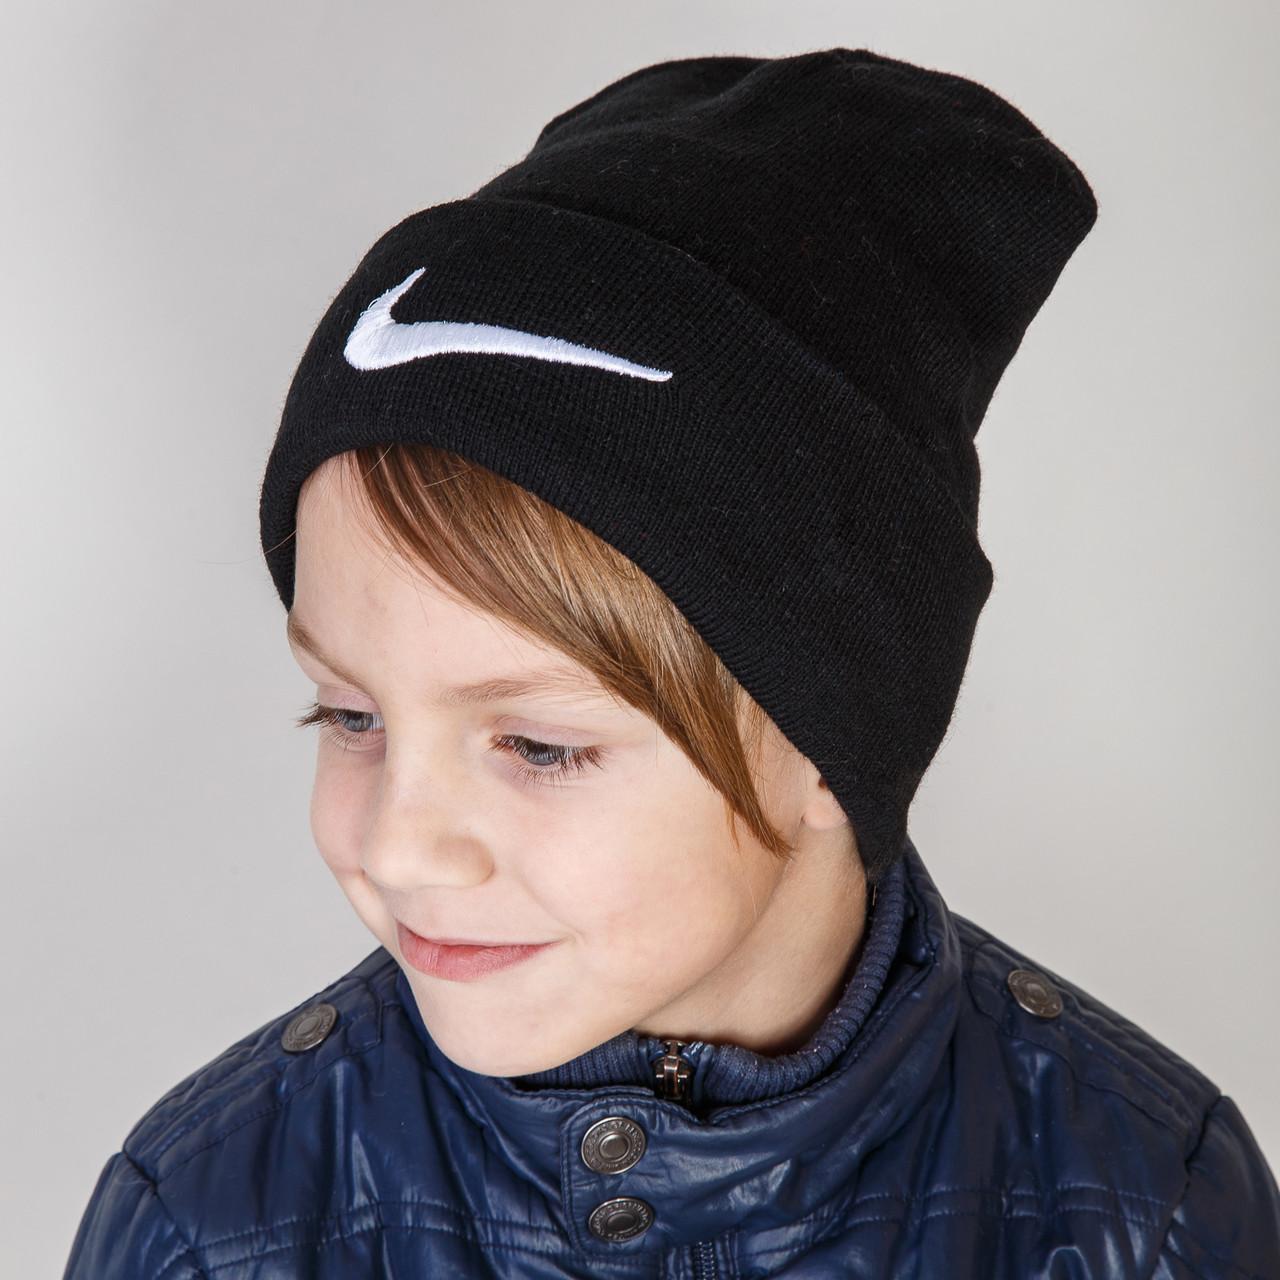 Стильная спортивная шапка для мальчика Nike (реплика) оптом - Артикул 2899